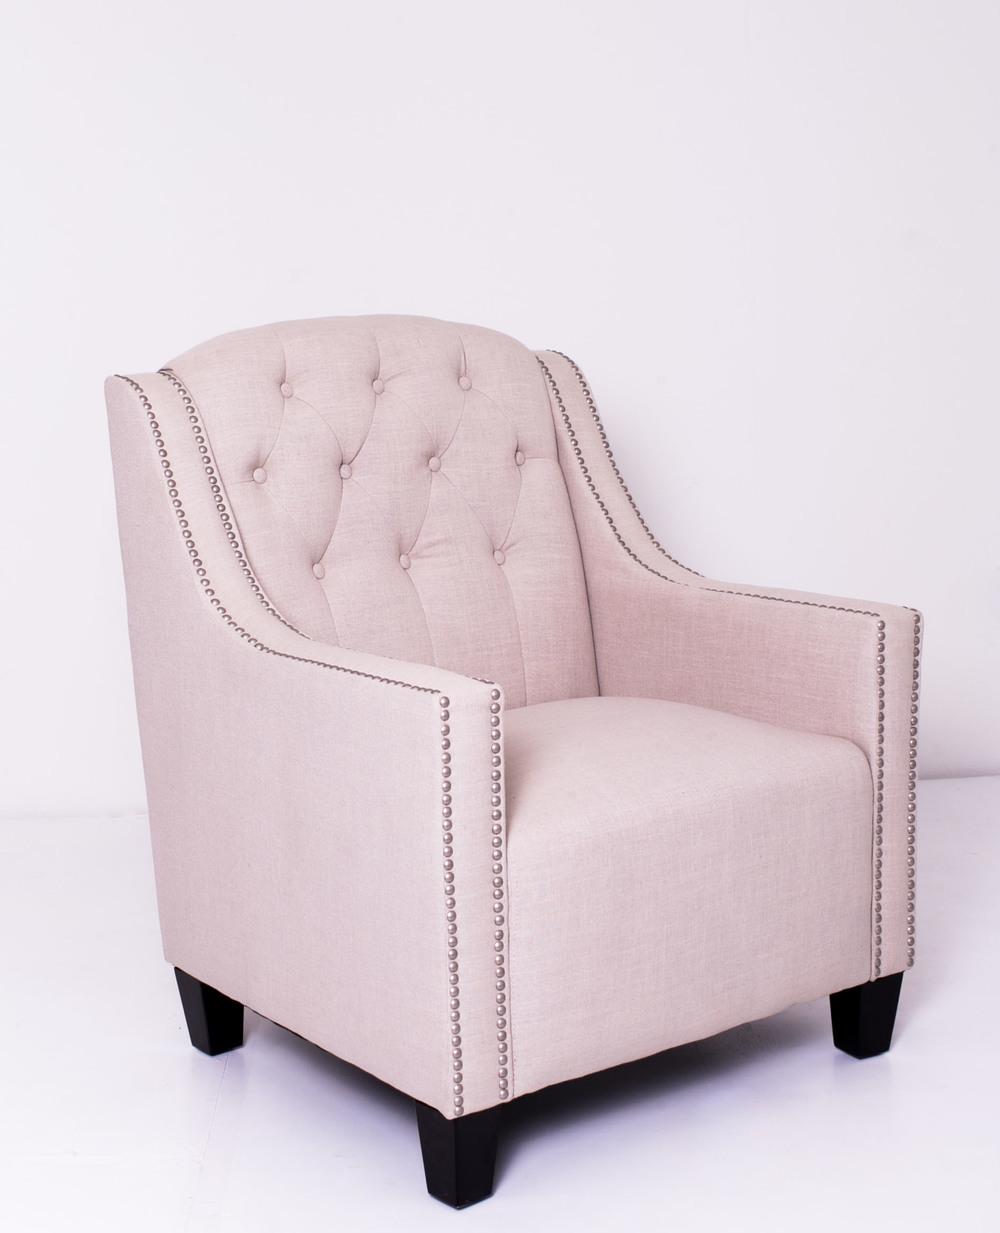 Tufted Nailhead Armchair